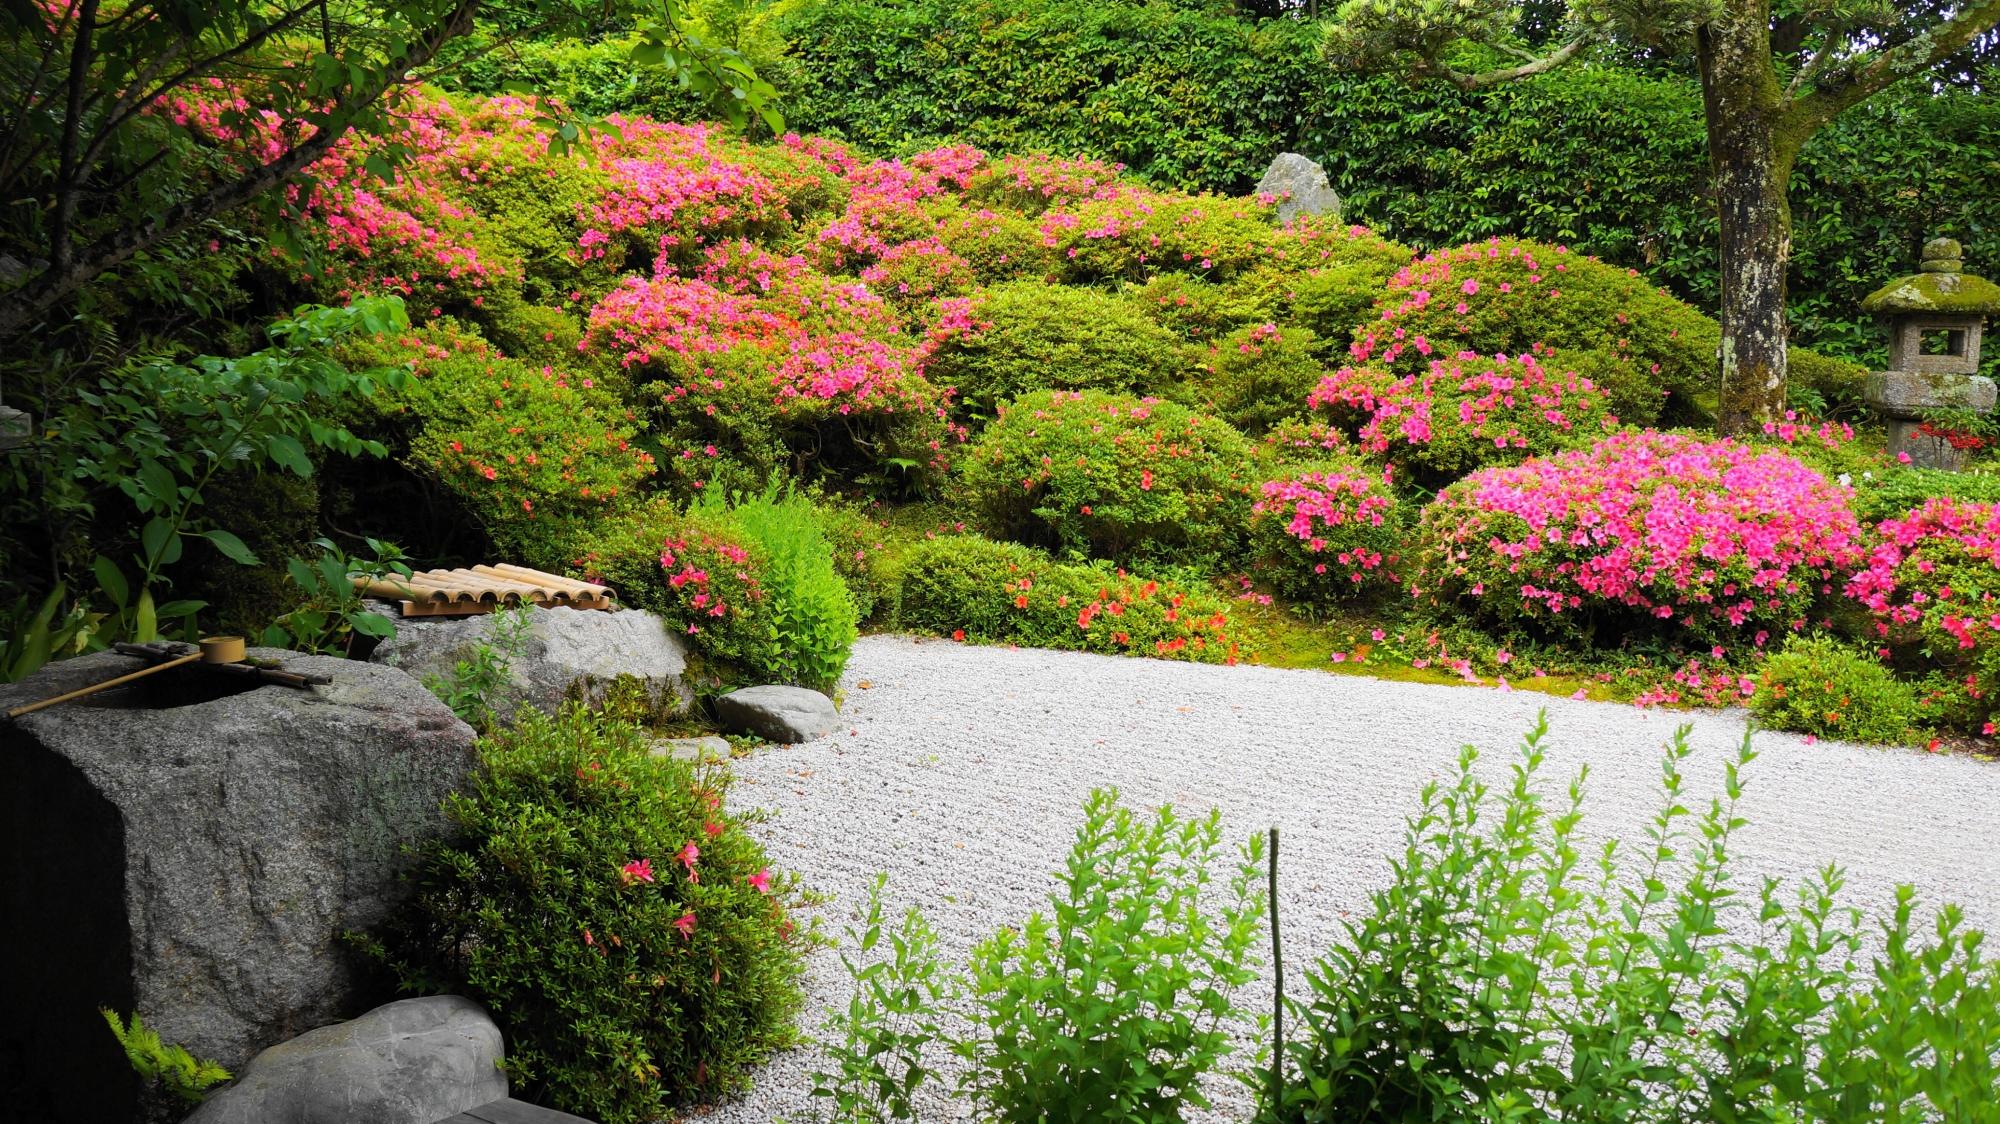 華やかさの中にも風情が感じられる手水鉢とサツキの情景